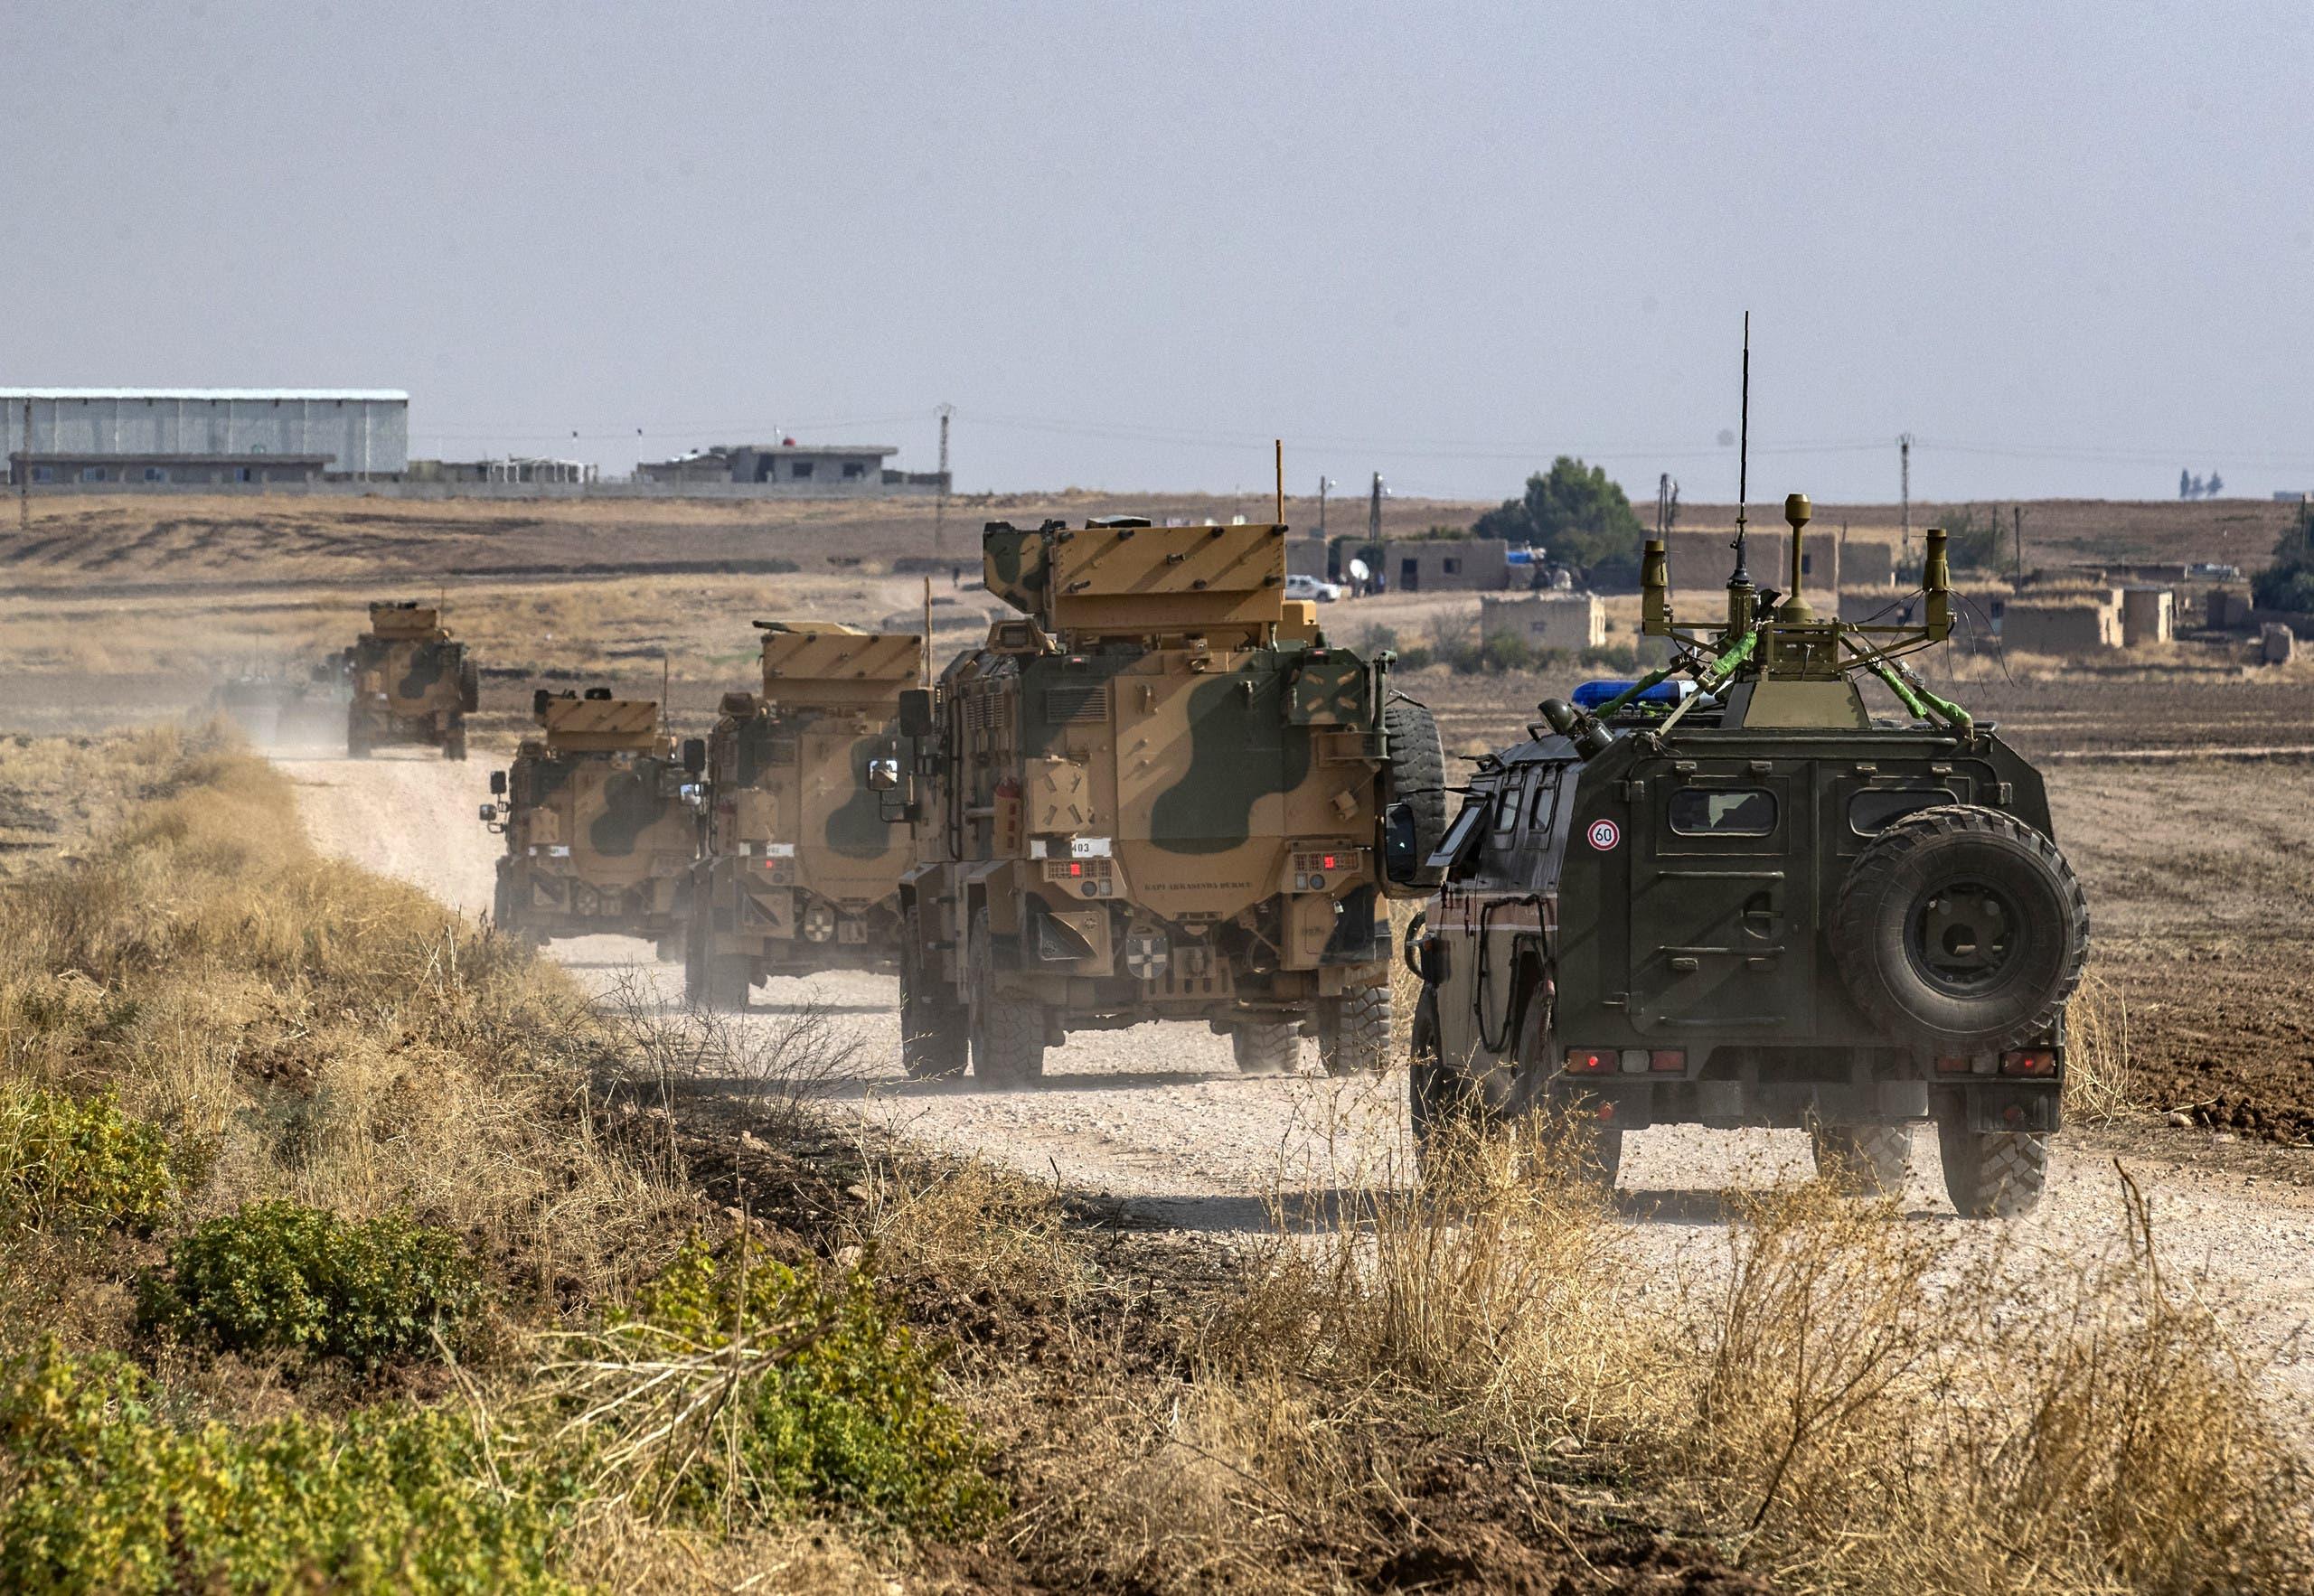 دوريات مشتركة روسية ـ تركية في الحسكة شمال سوريا (أرشيفية)